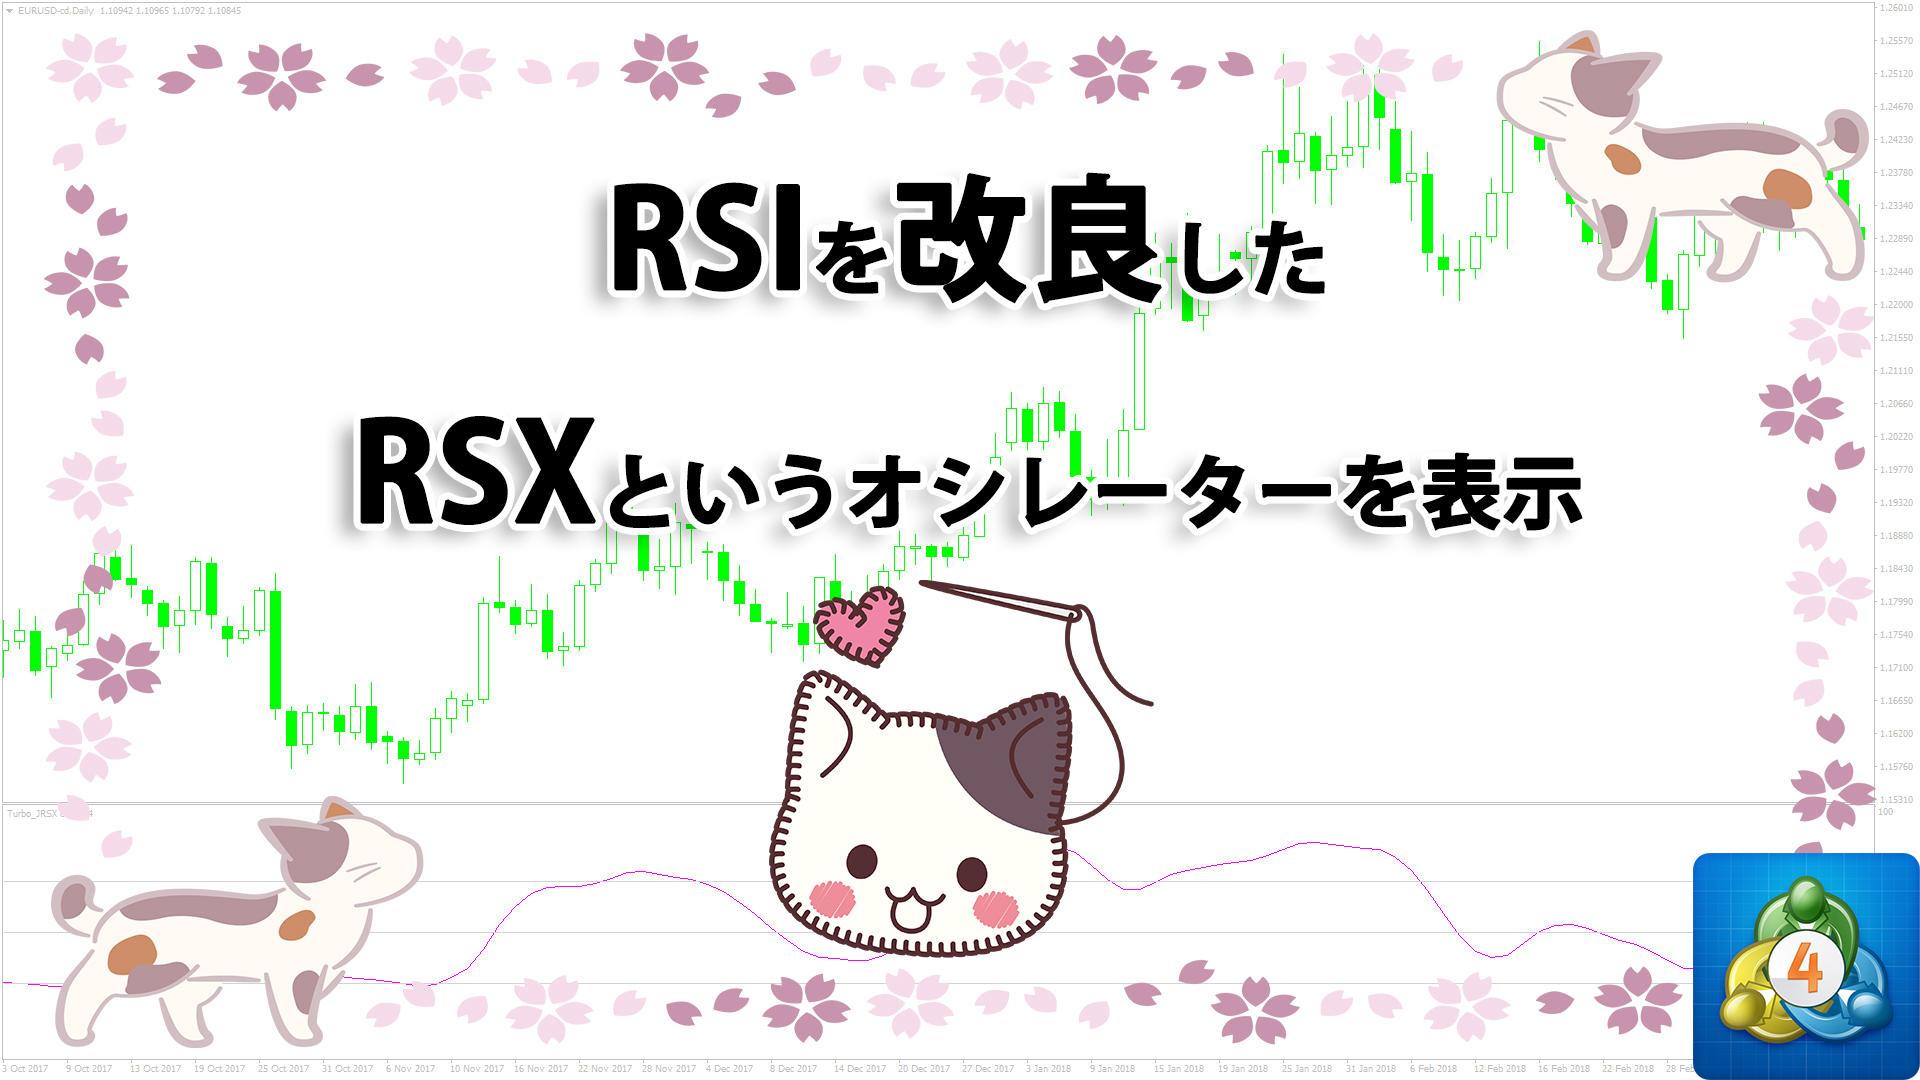 RSIを改良してノイズを減少させたオシレーターを表示するMT4インジケーター「Turbo_JRSX_wAppliedPrice」